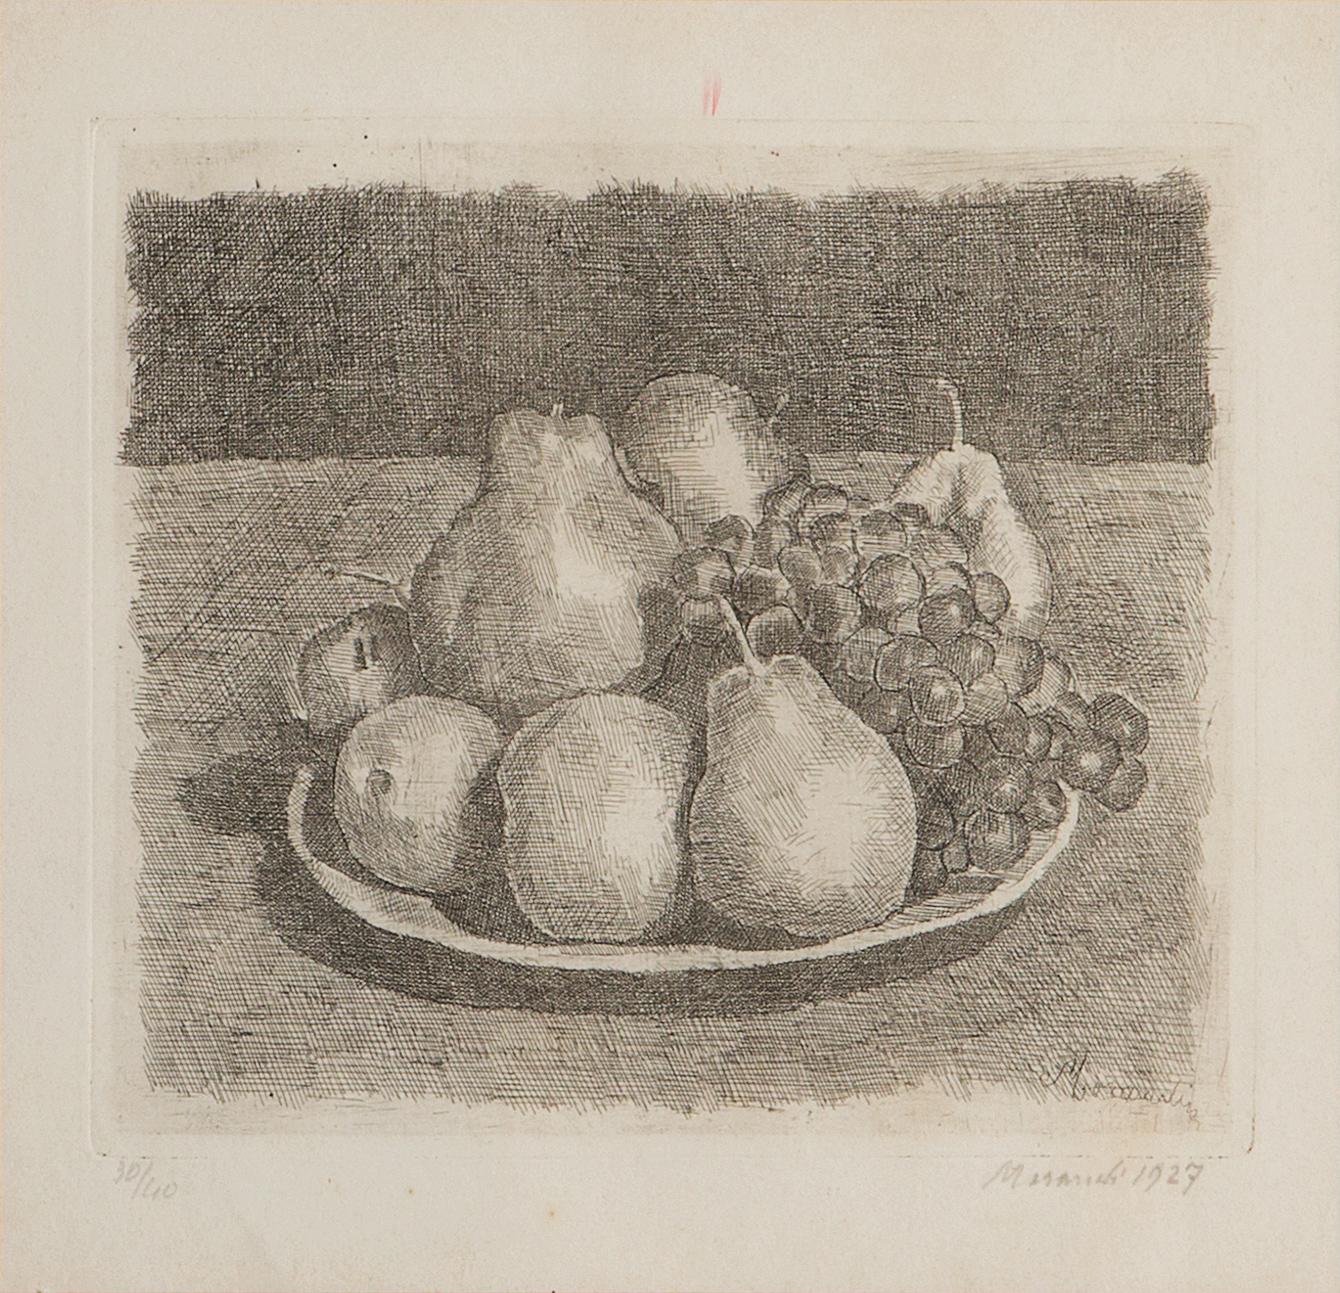 Natura morta con pere ed uva, 1927